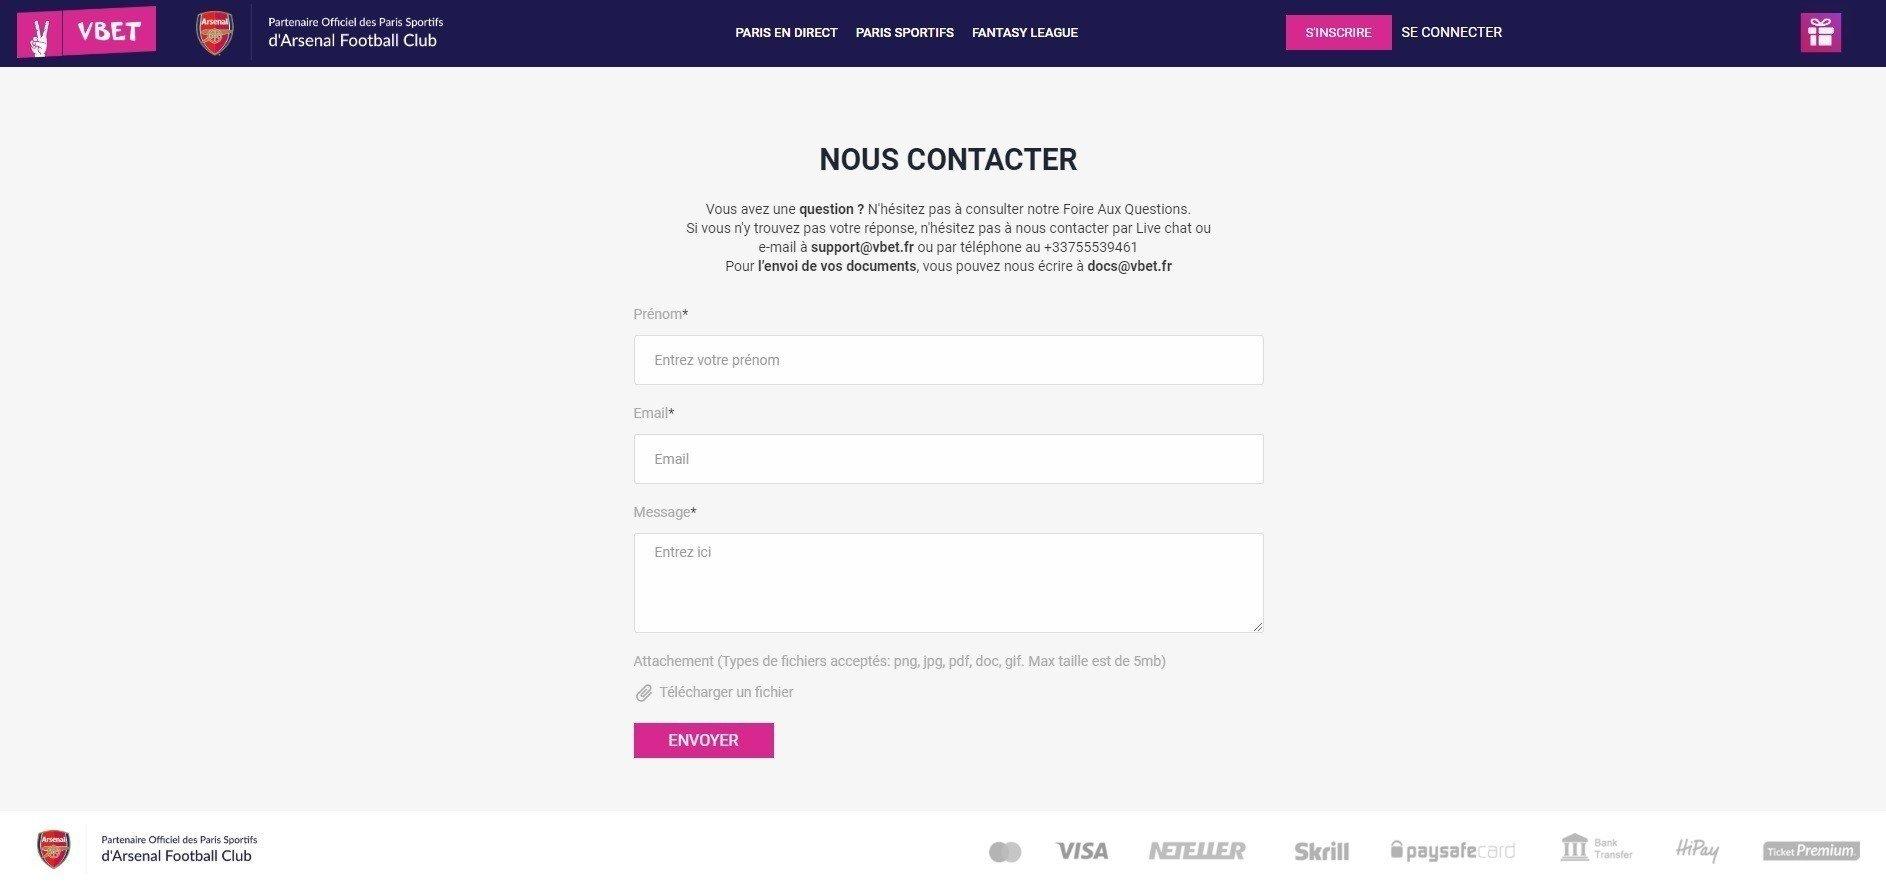 Contacter Vbet